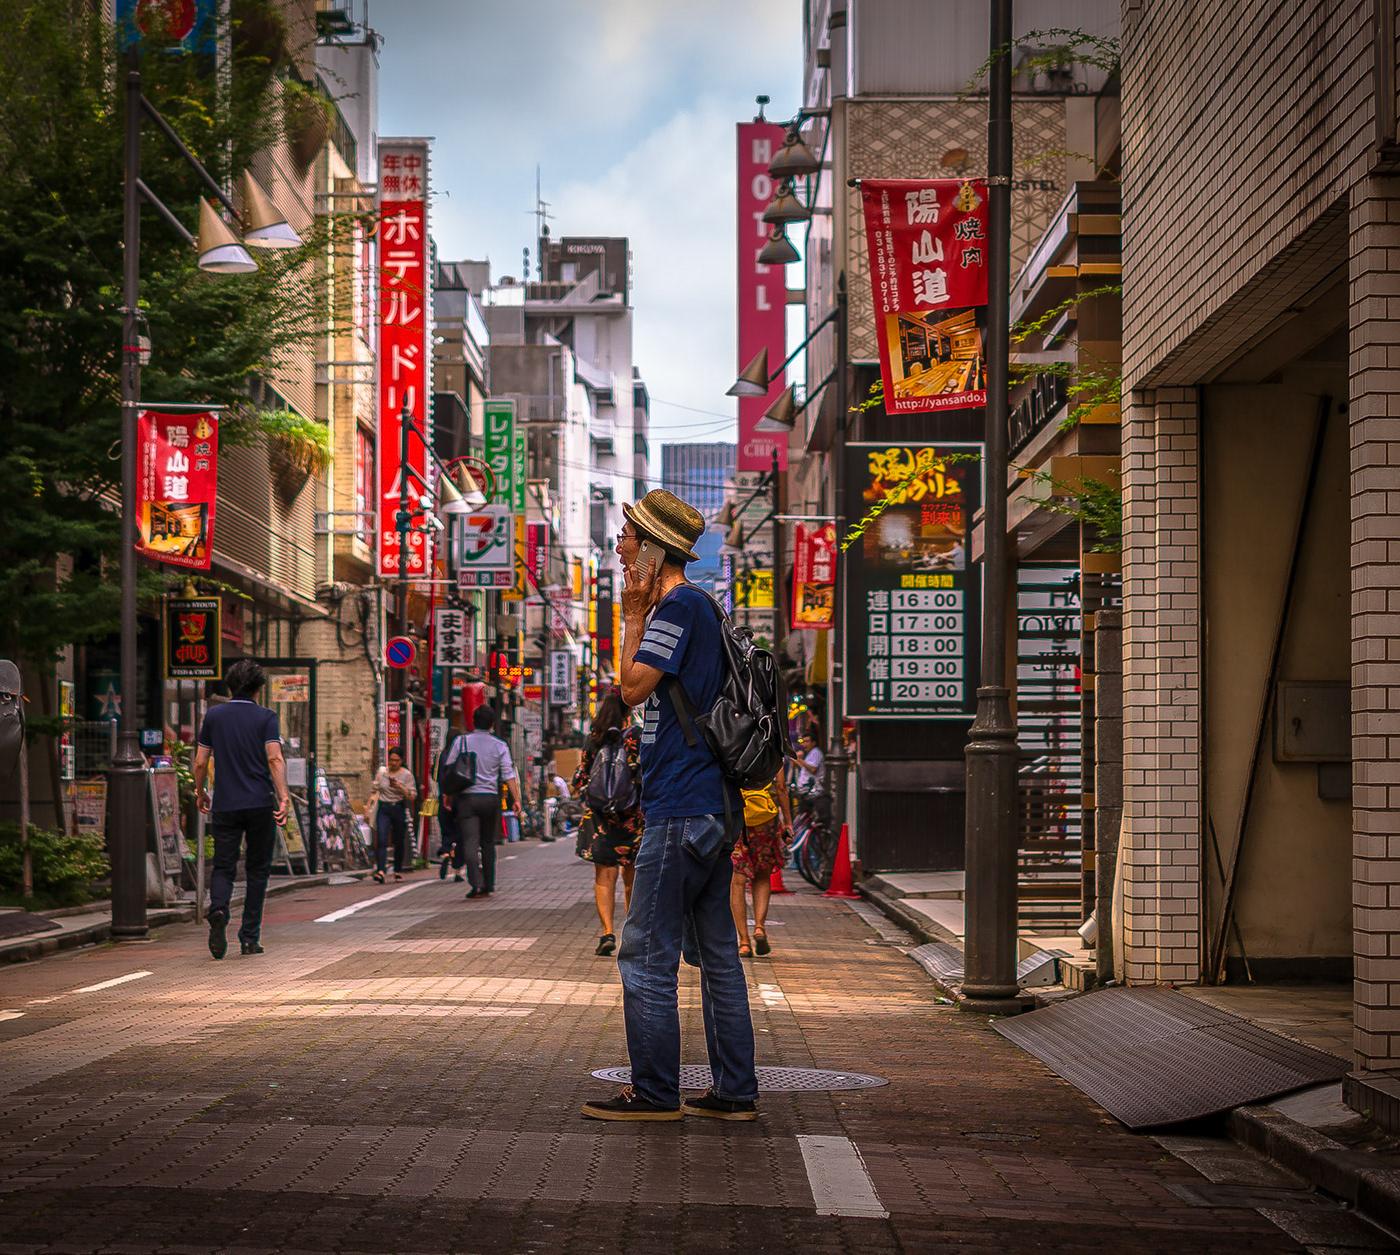 ginza kyoto Narapark osaka Shinjuku tokyo